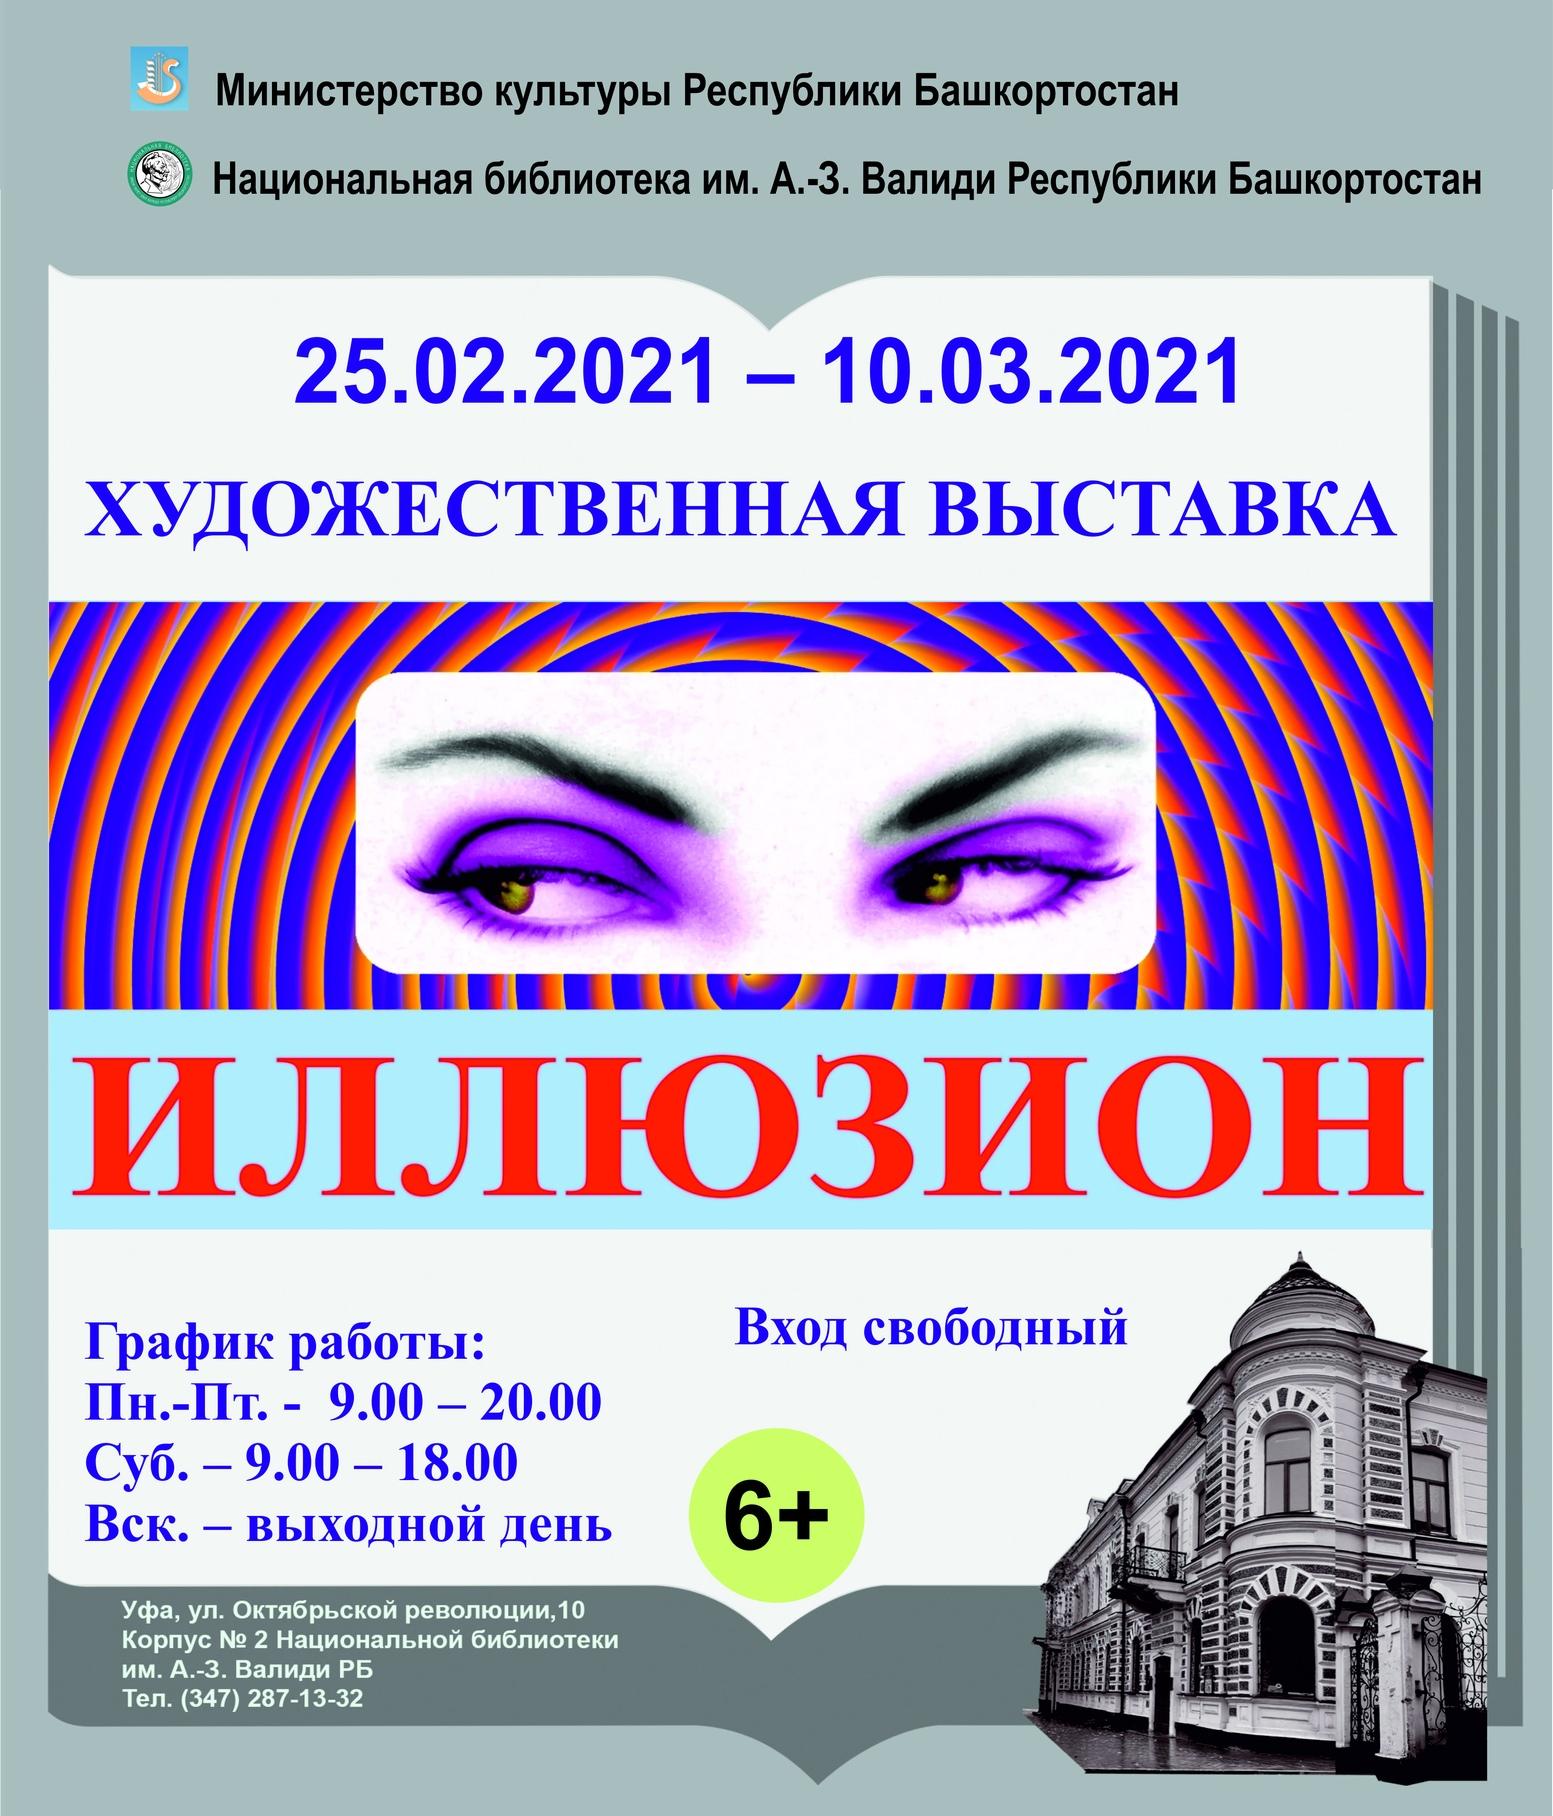 Выставка Иллюзион